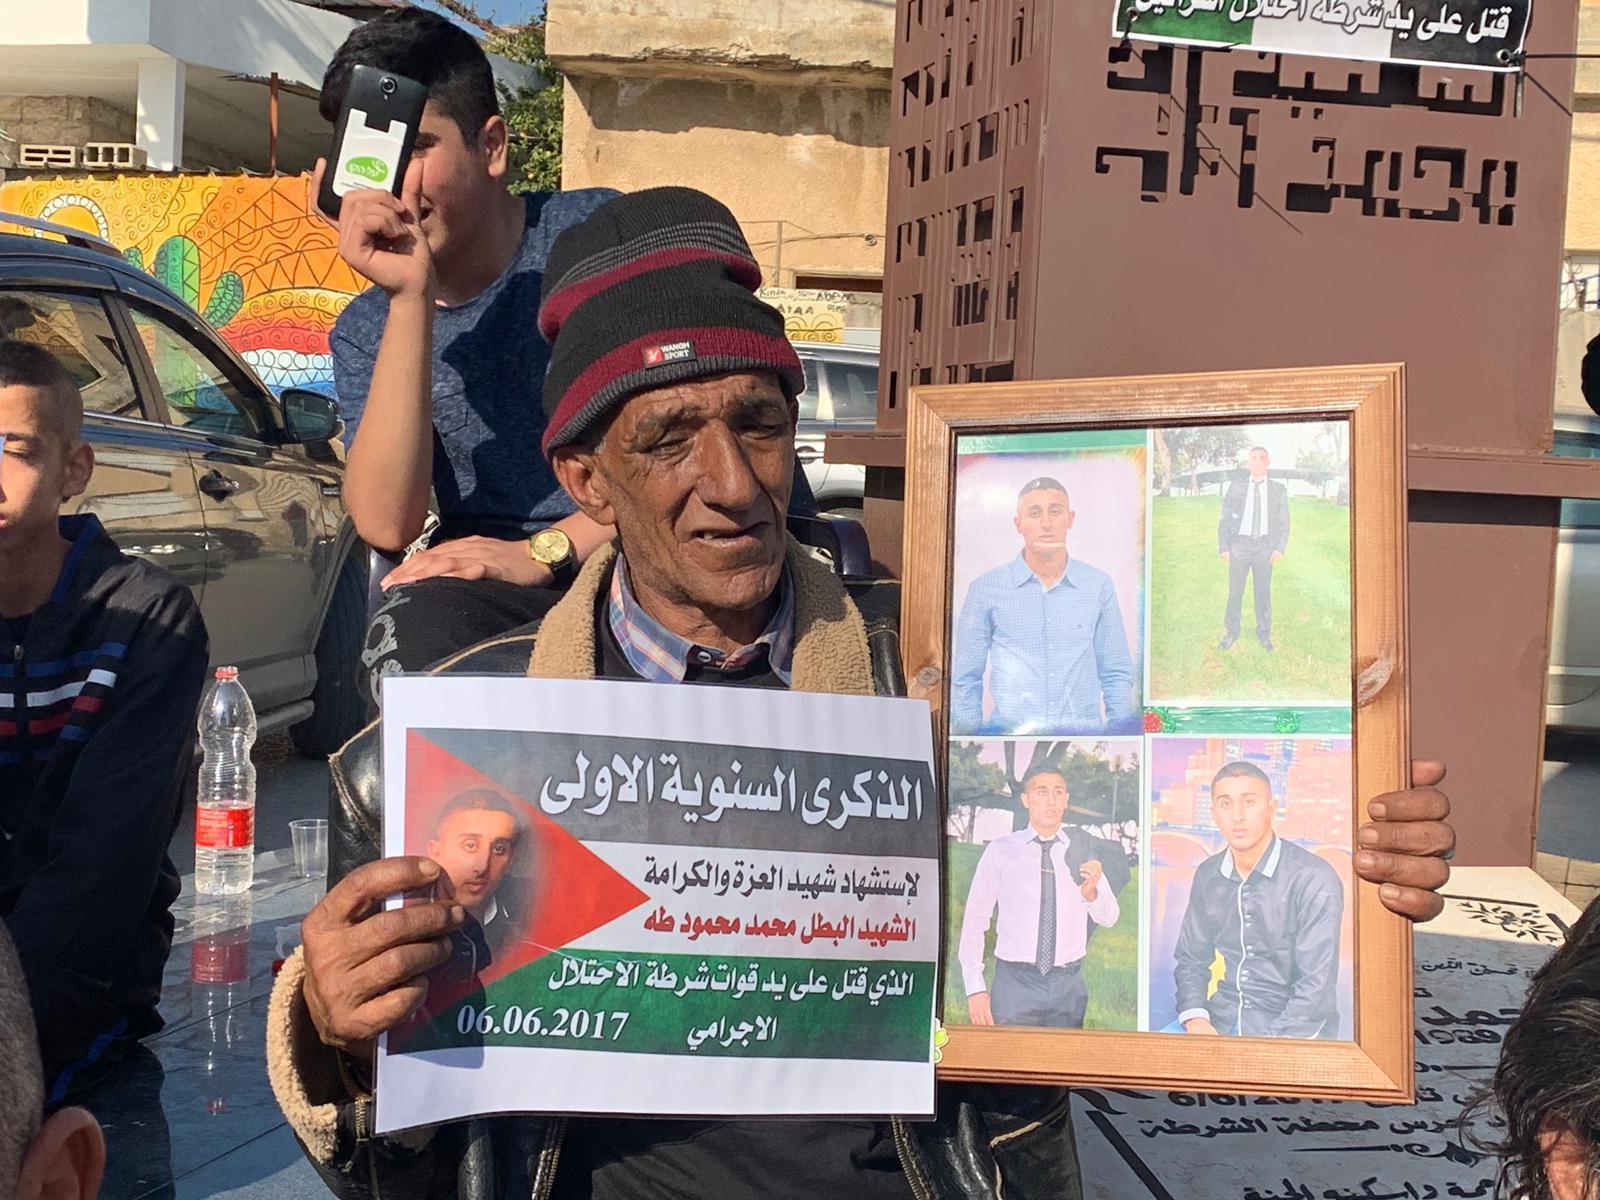 """والد الشهيد طه لـ""""عرب 48"""": """"إغلاق ملف القضية يضفي شرعية على قتل العرب"""""""